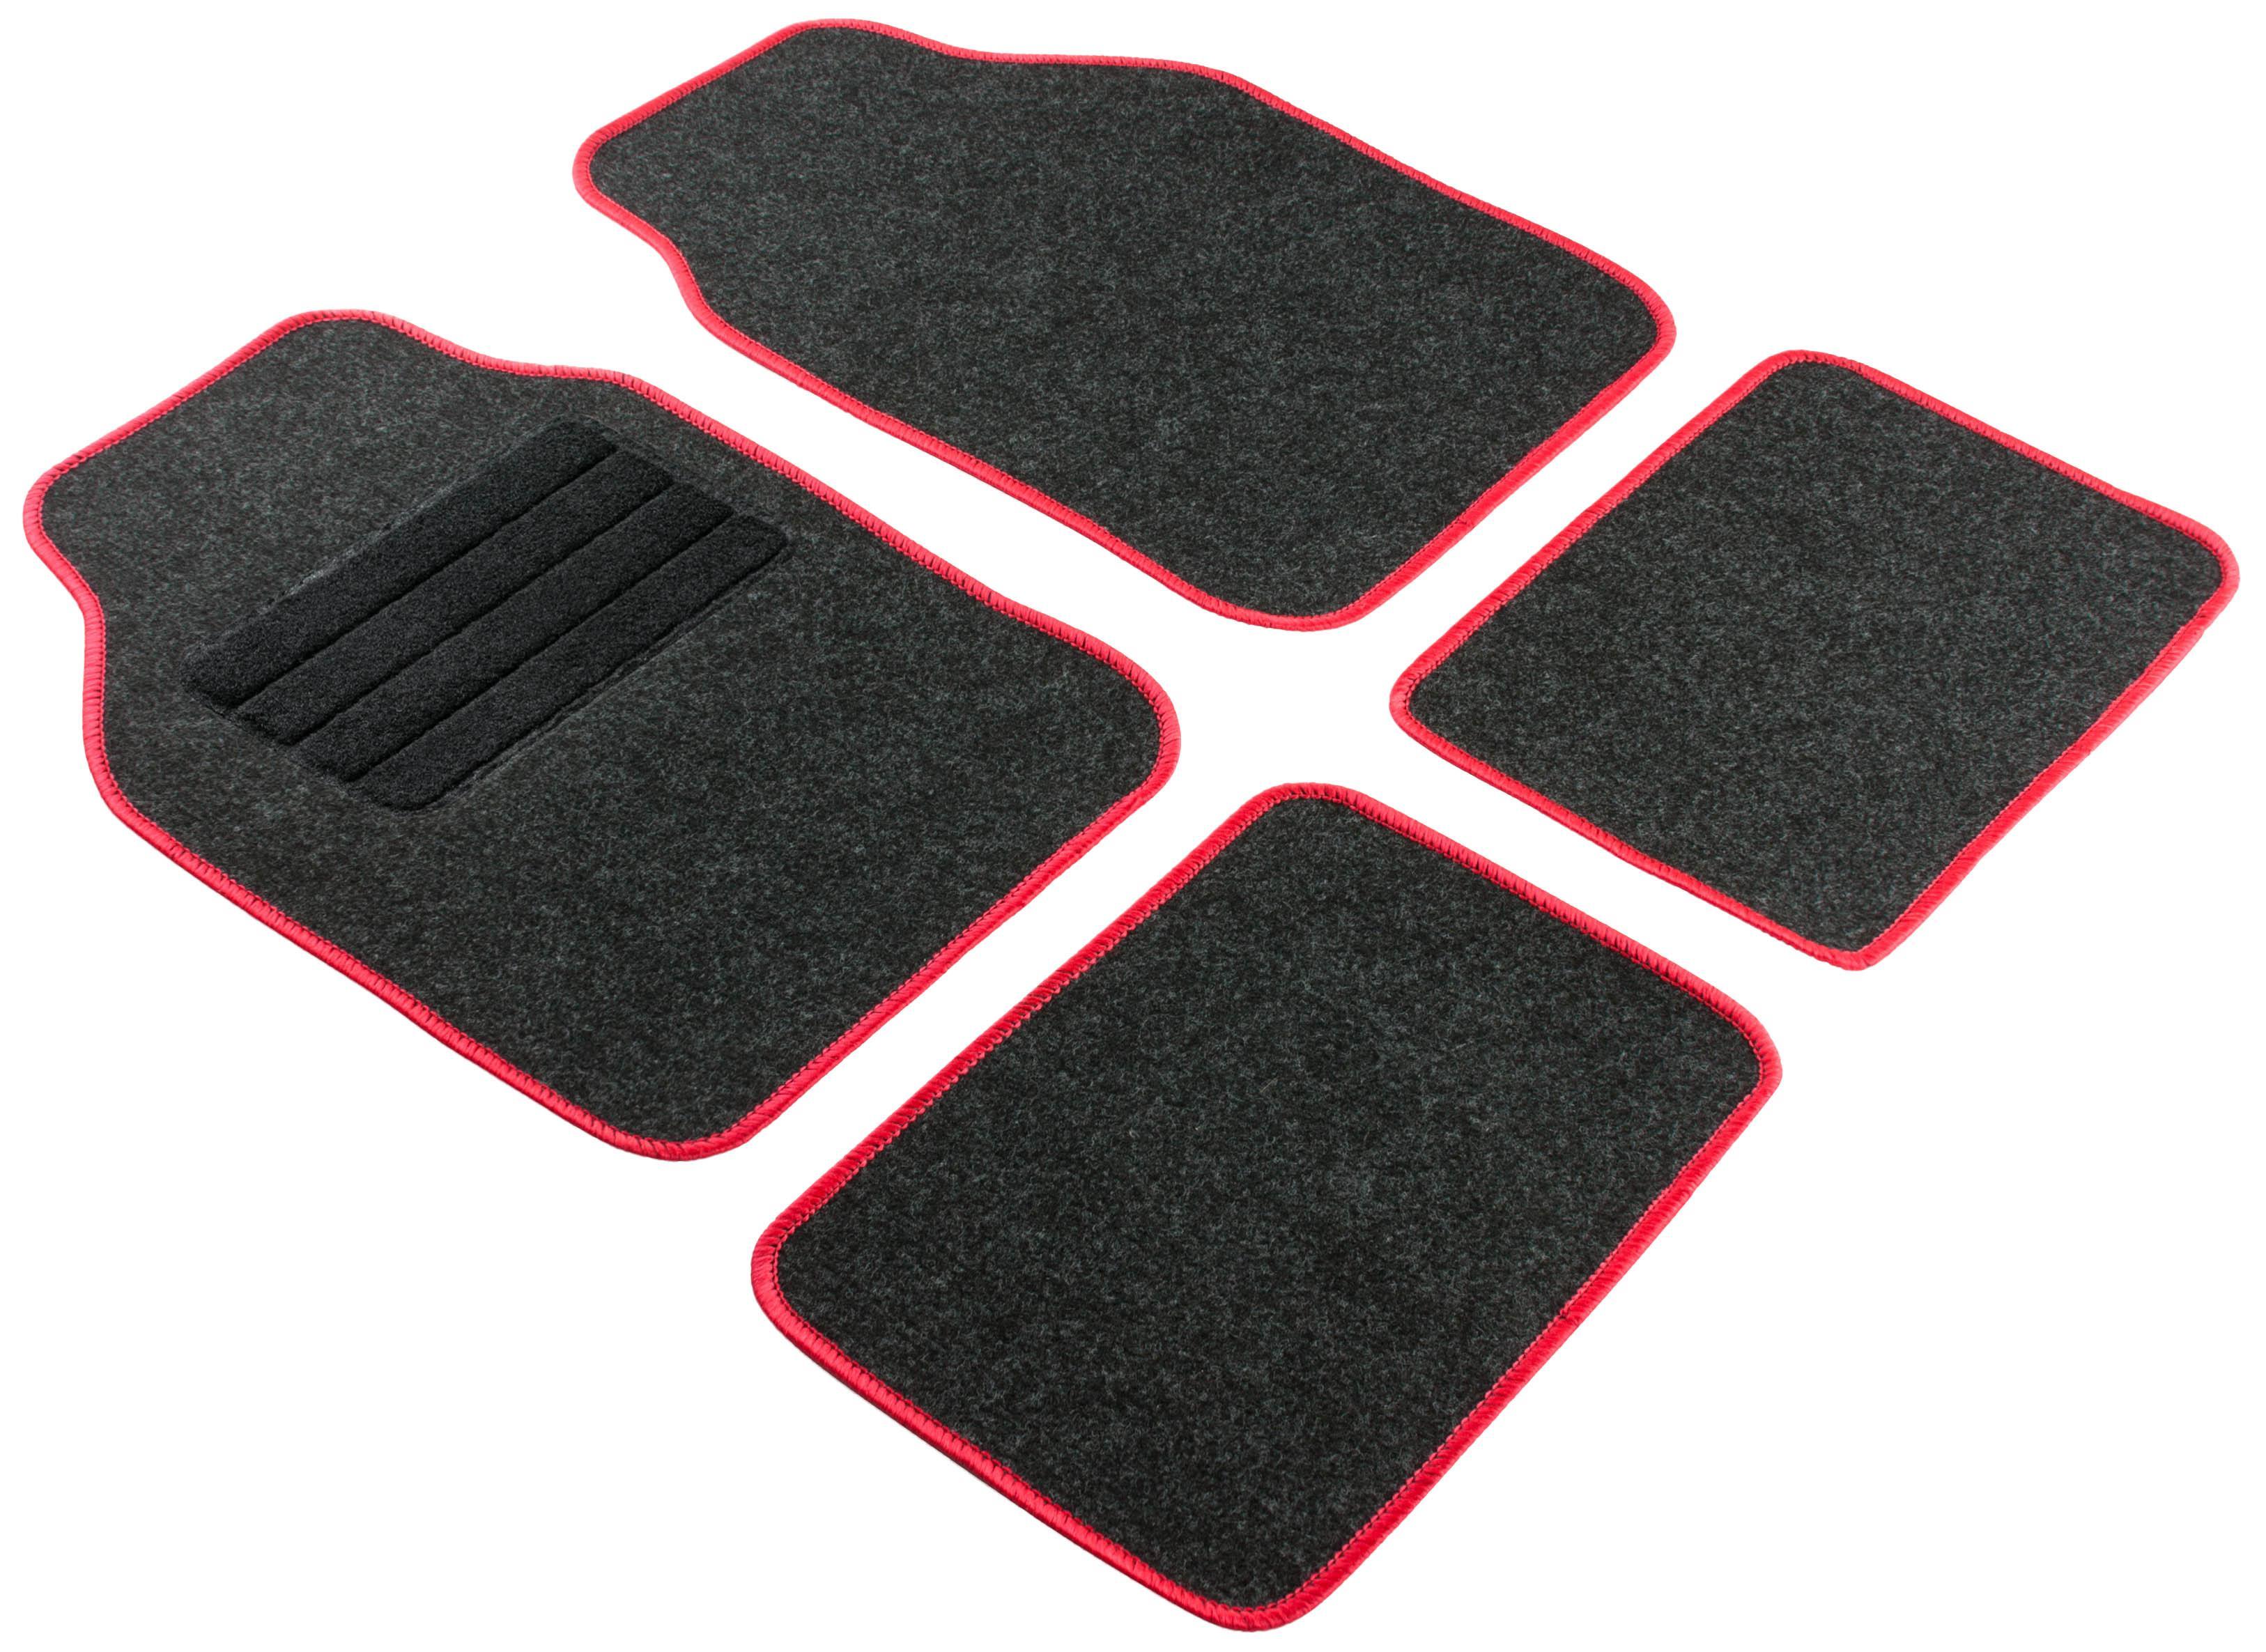 14460 WALSER Uniwersalny, Regio red Tekstylia, z przodu i z tyłu, Ilość: 4, czarny Rozmiar: 33x44, 68x44 Zestaw dywaników podłogowych 14460 kupić niedrogo